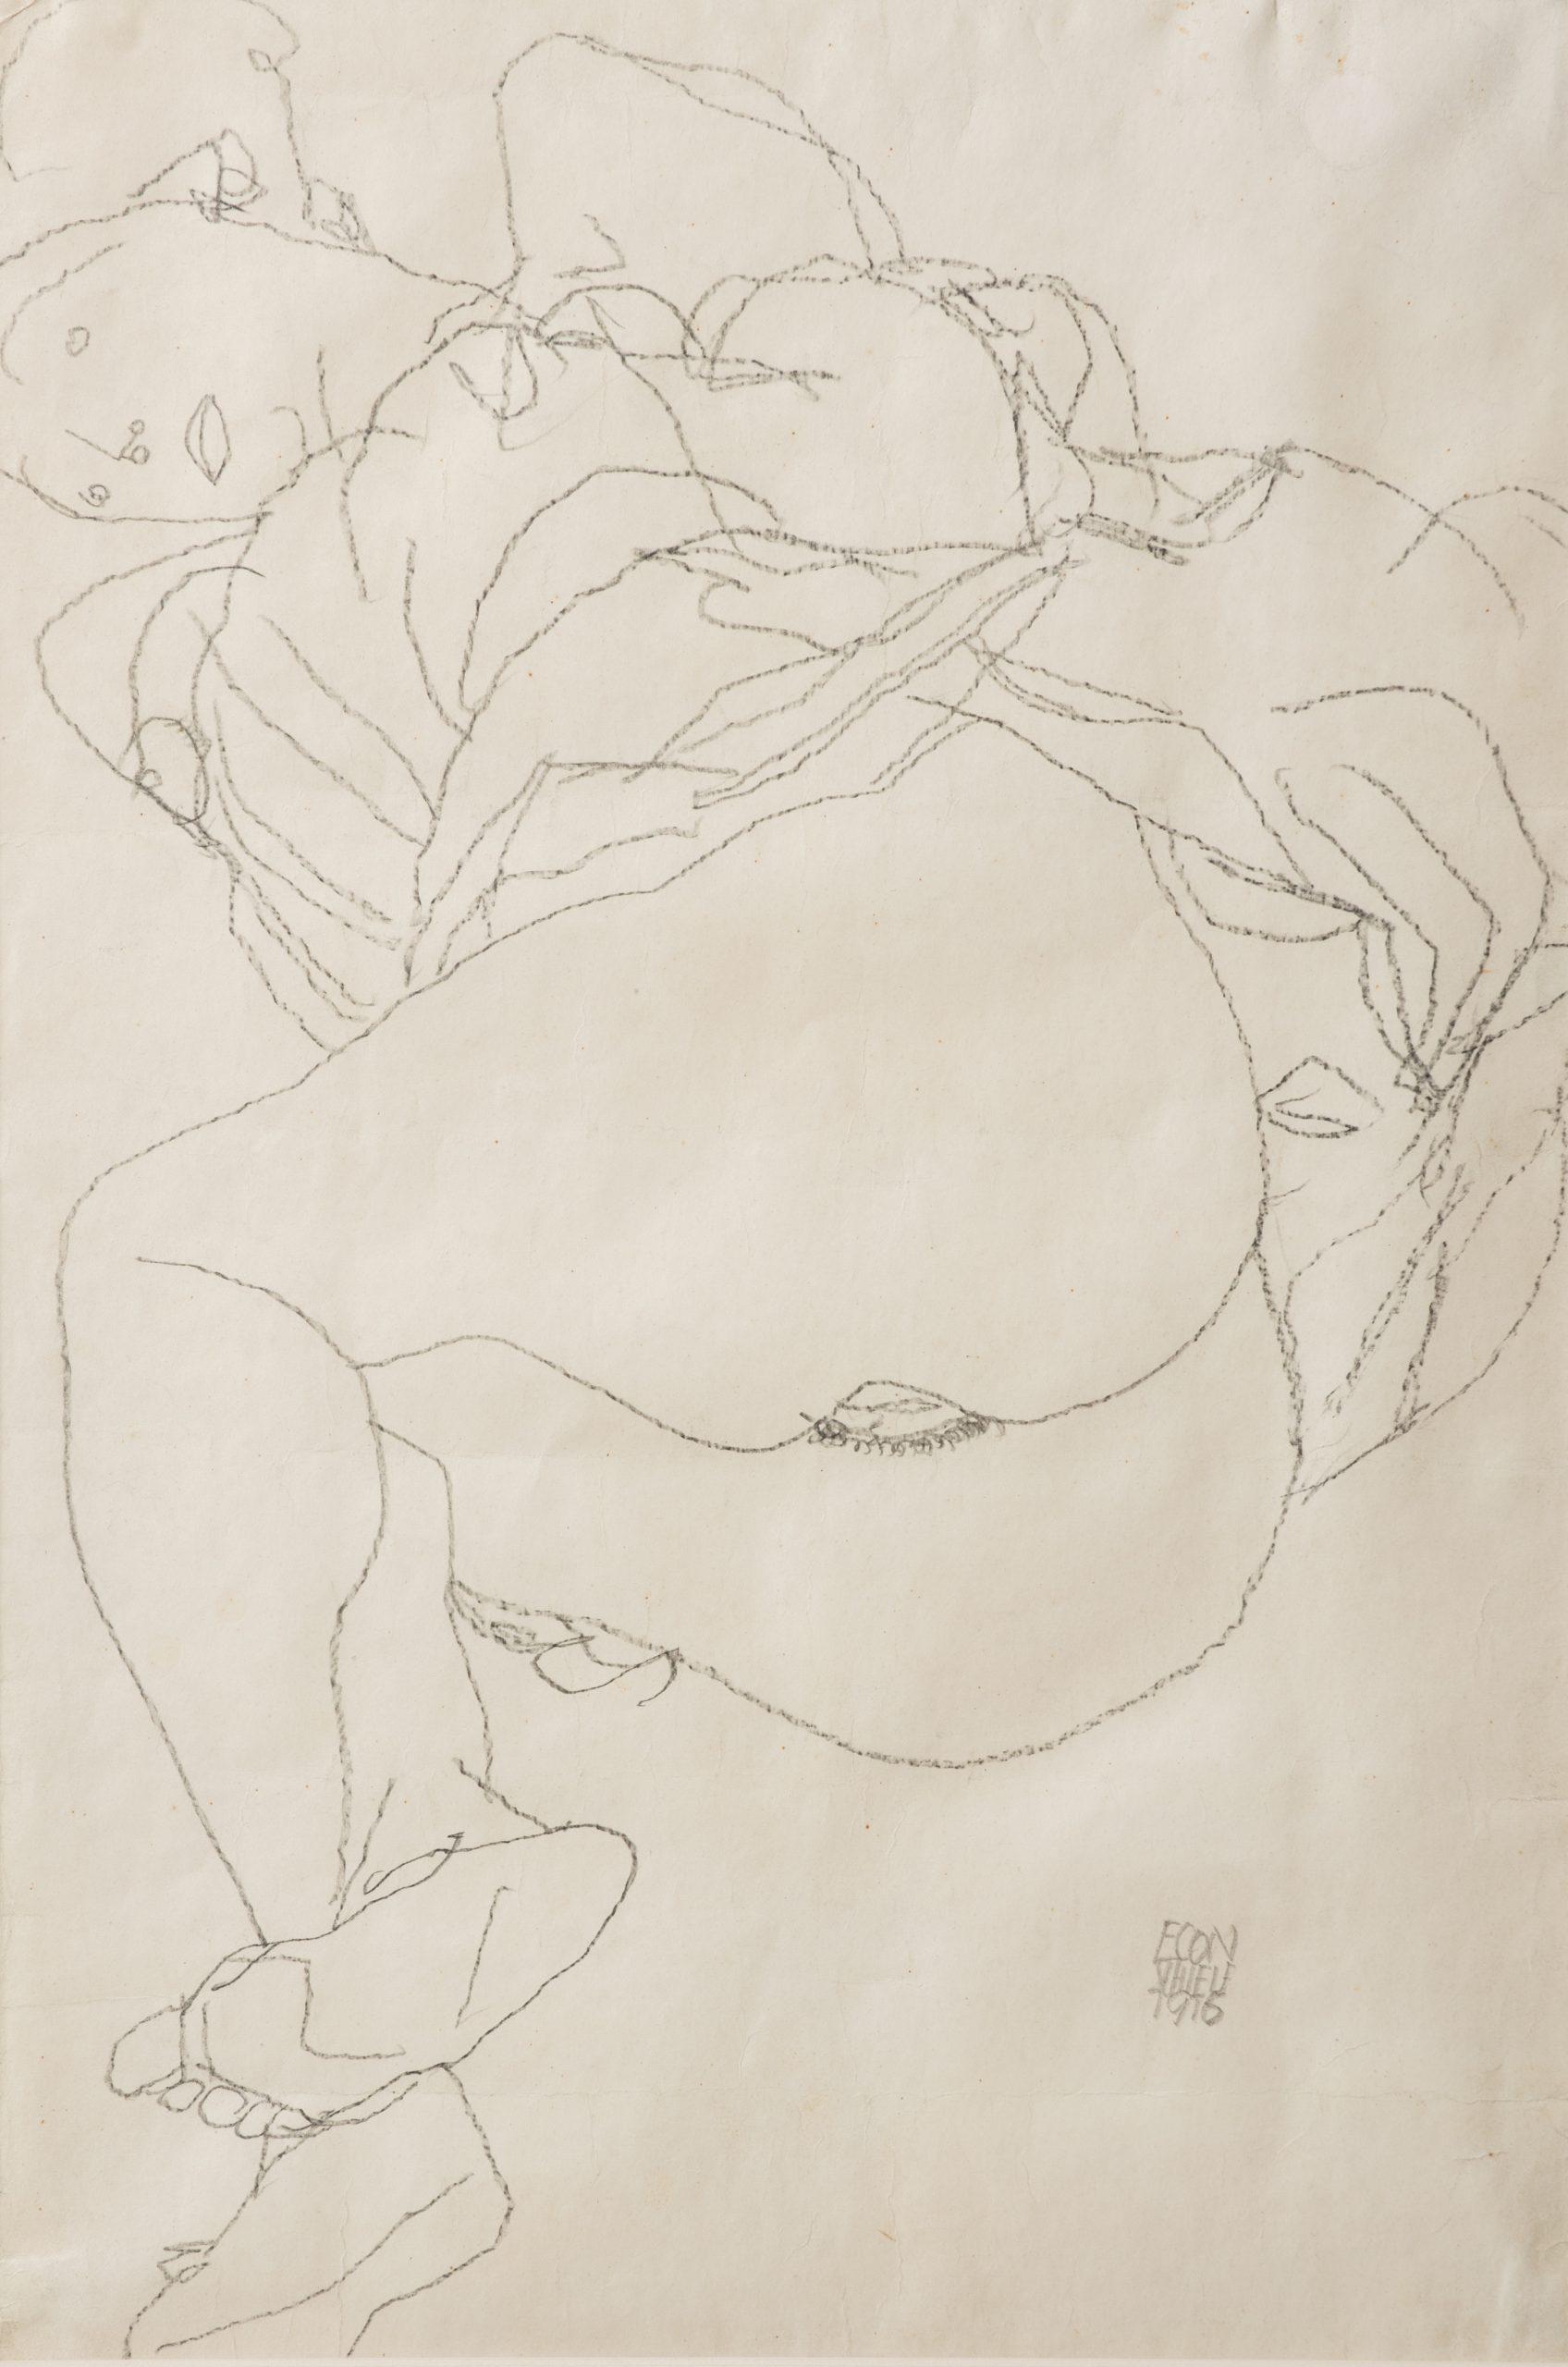 Liegendes Mädchen mit hochgezogenem Rock, 47,5x32,4, Schiele Egon